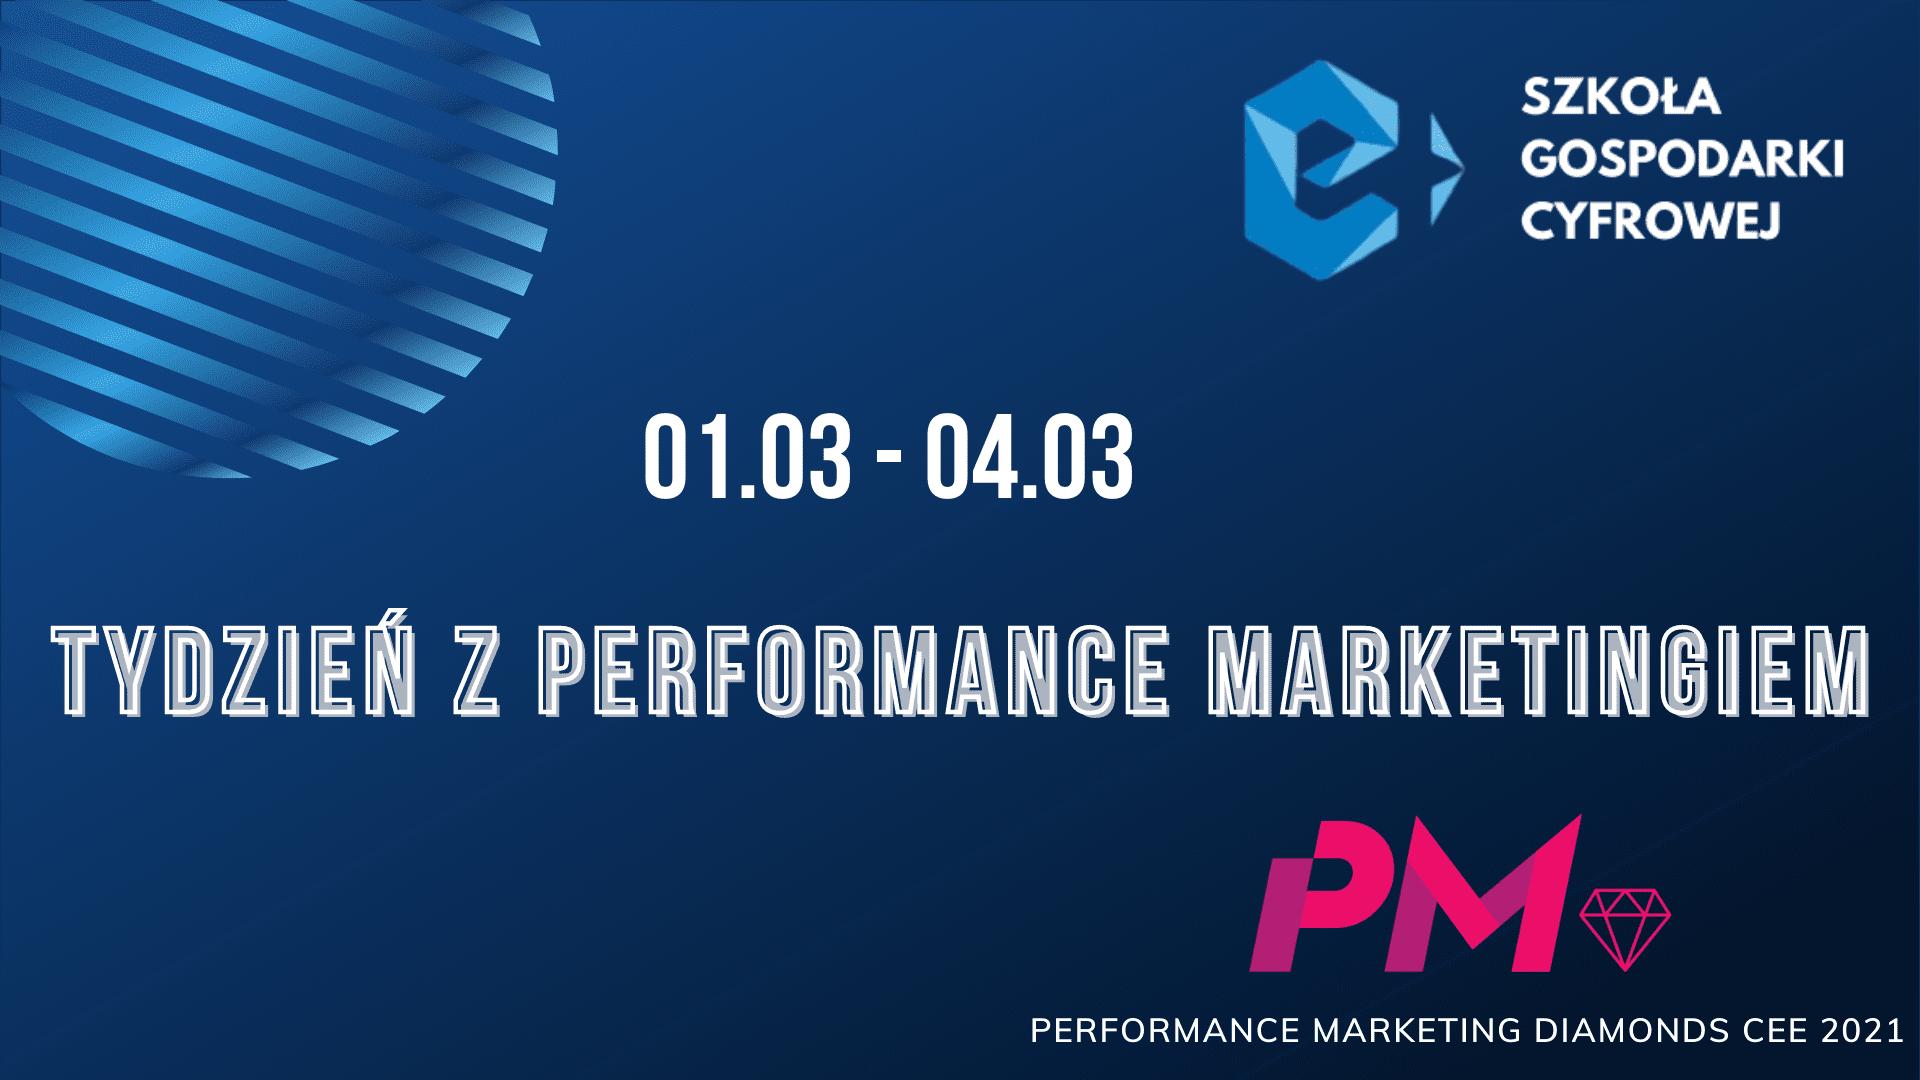 Zapraszamy na Tydzień z Performance Marketingiem!